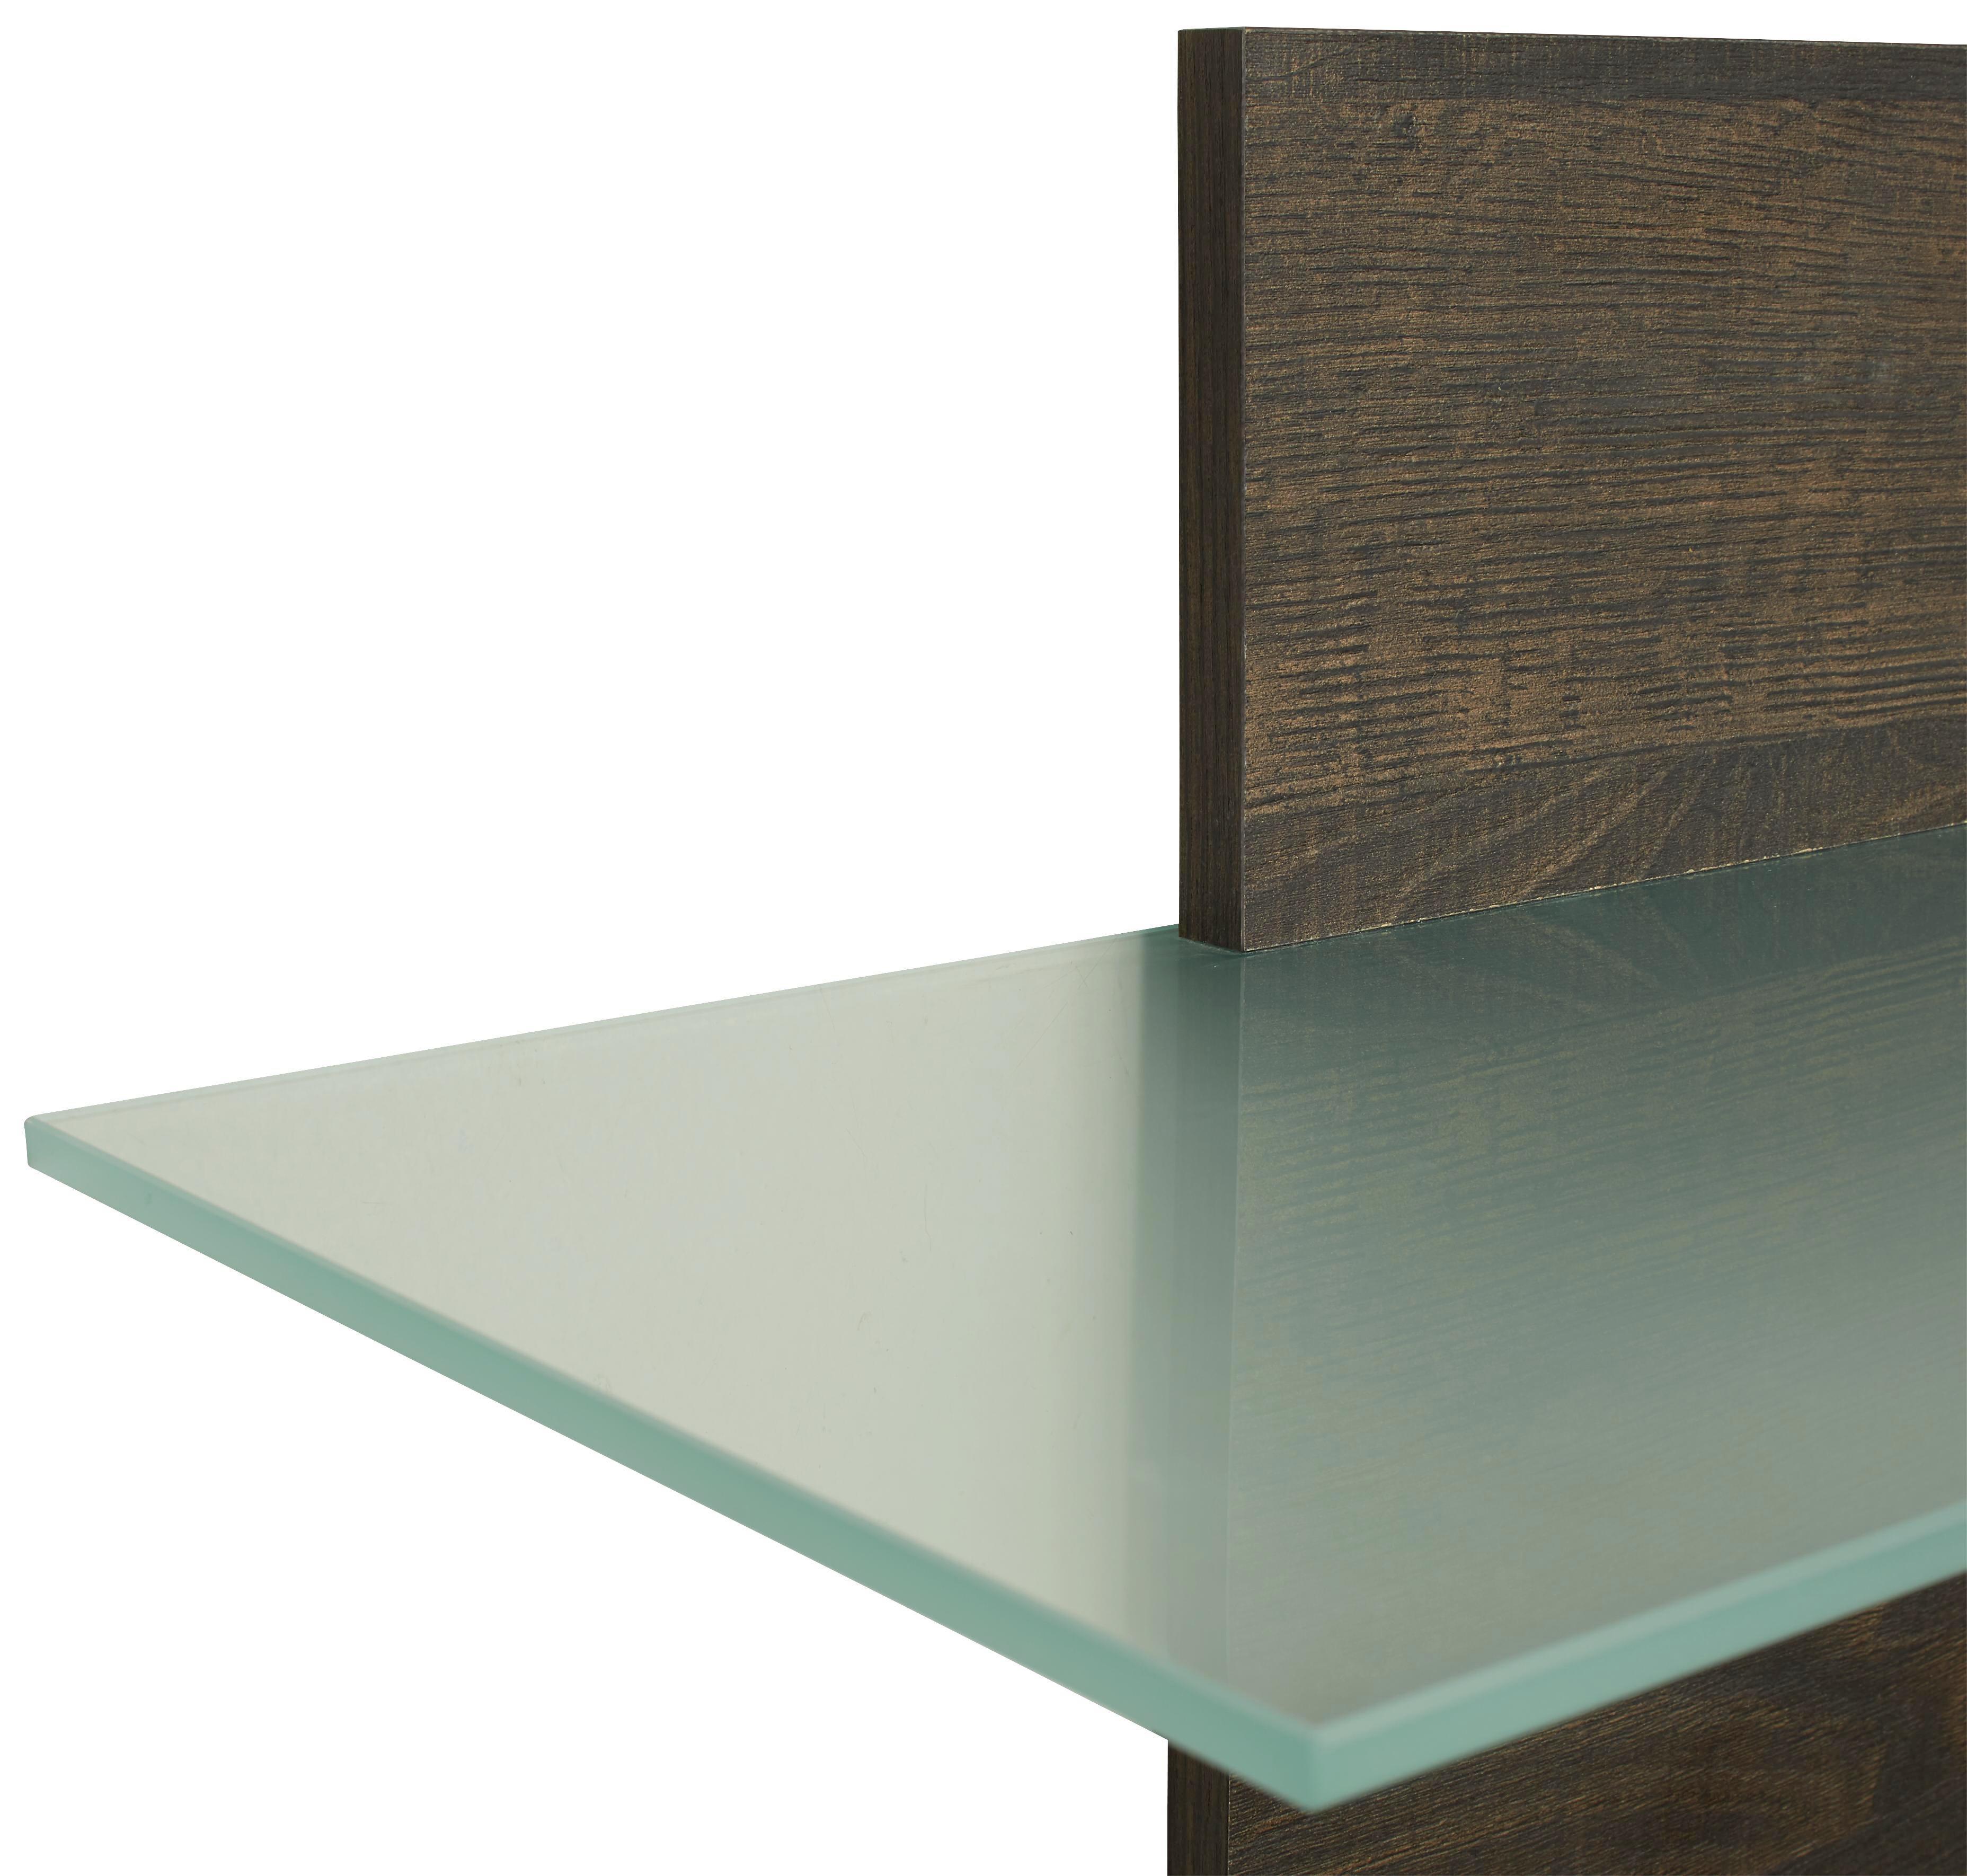 Wohnwand Weiß Hochglanz - MODERN, Holzwerkstoff/Metall (281/192/51cm) - PREMIUM LIVING